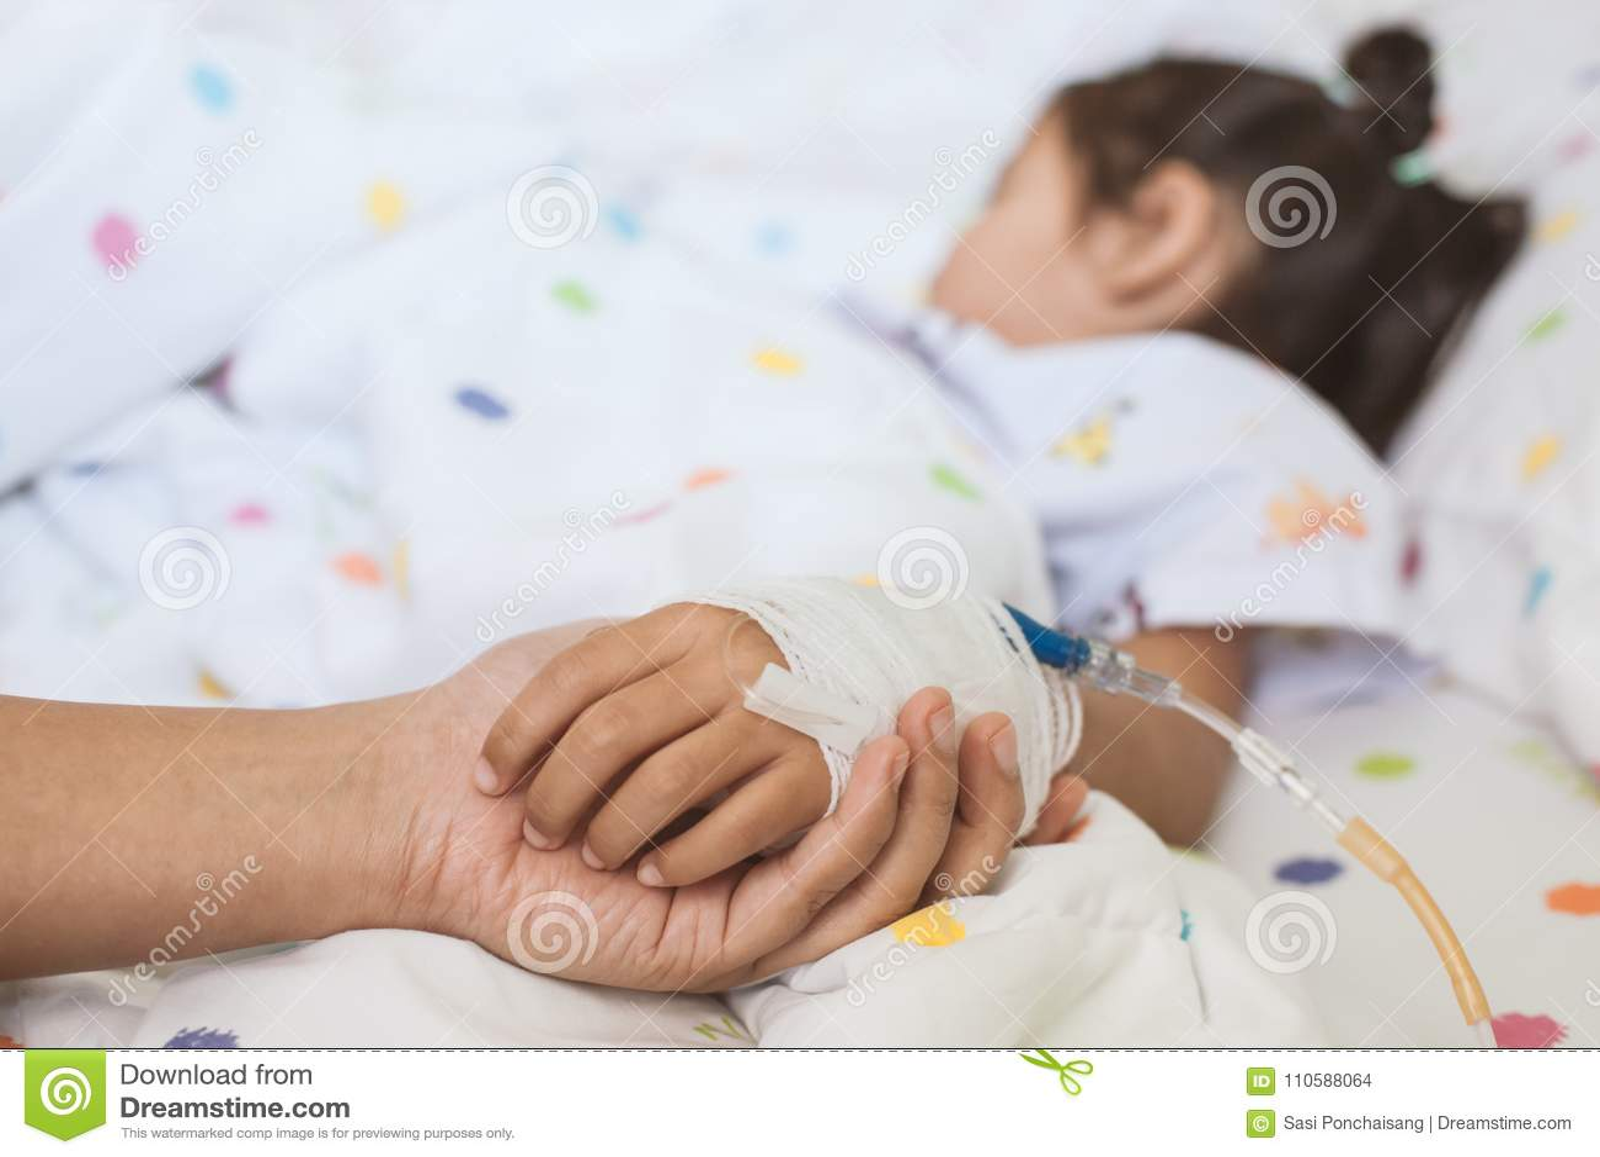 照顾握有IV解答的病态的女儿手的手